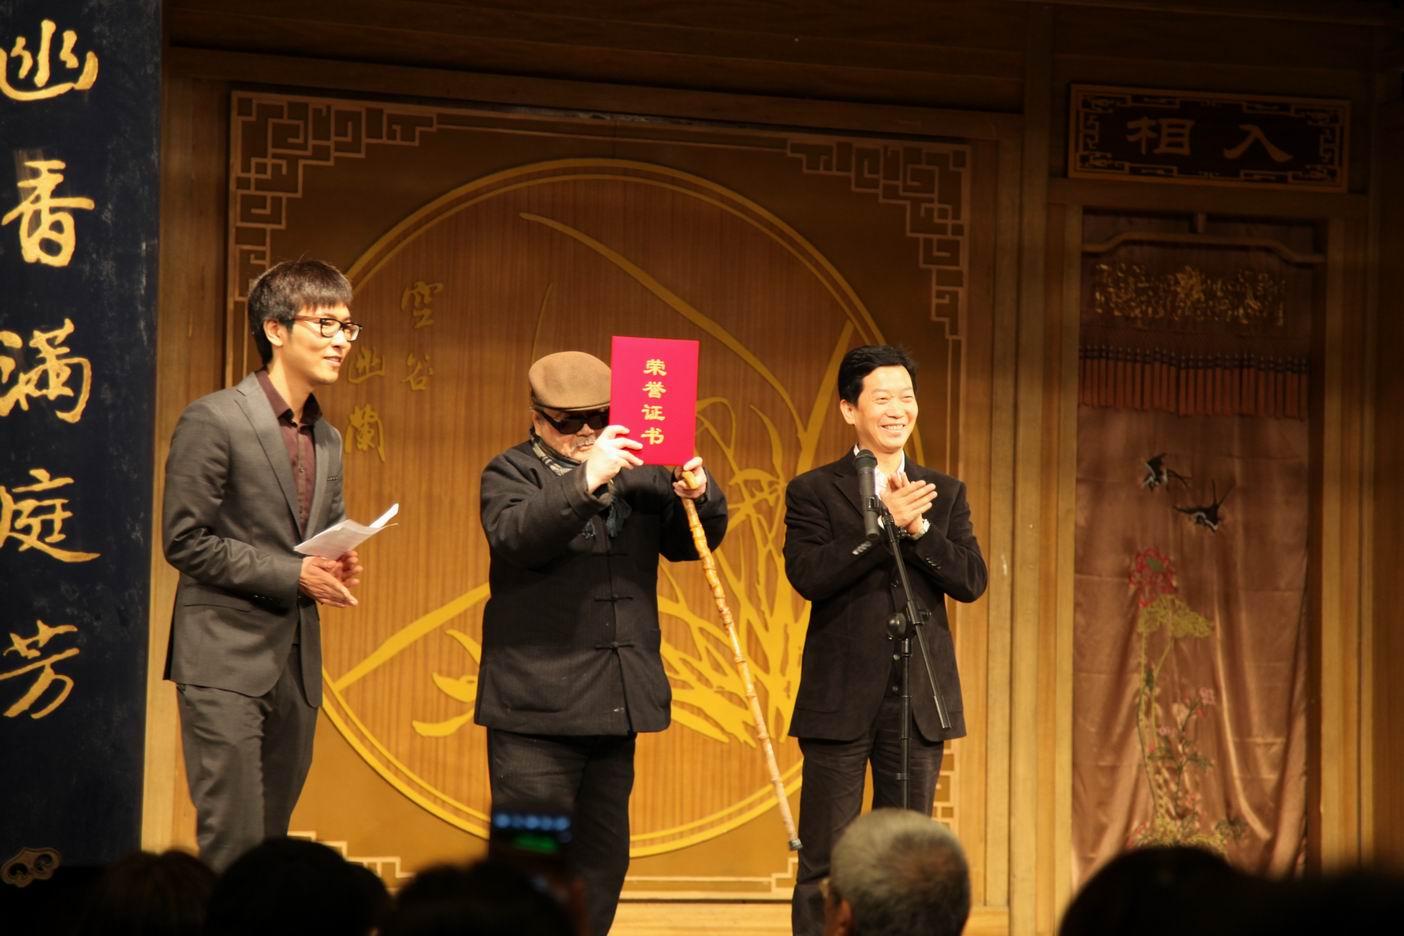 用竖笛吹欢乐颂的谱子-200多名观众观看了演出   用笔老到,形象传神.简短的捐赠仪式过后